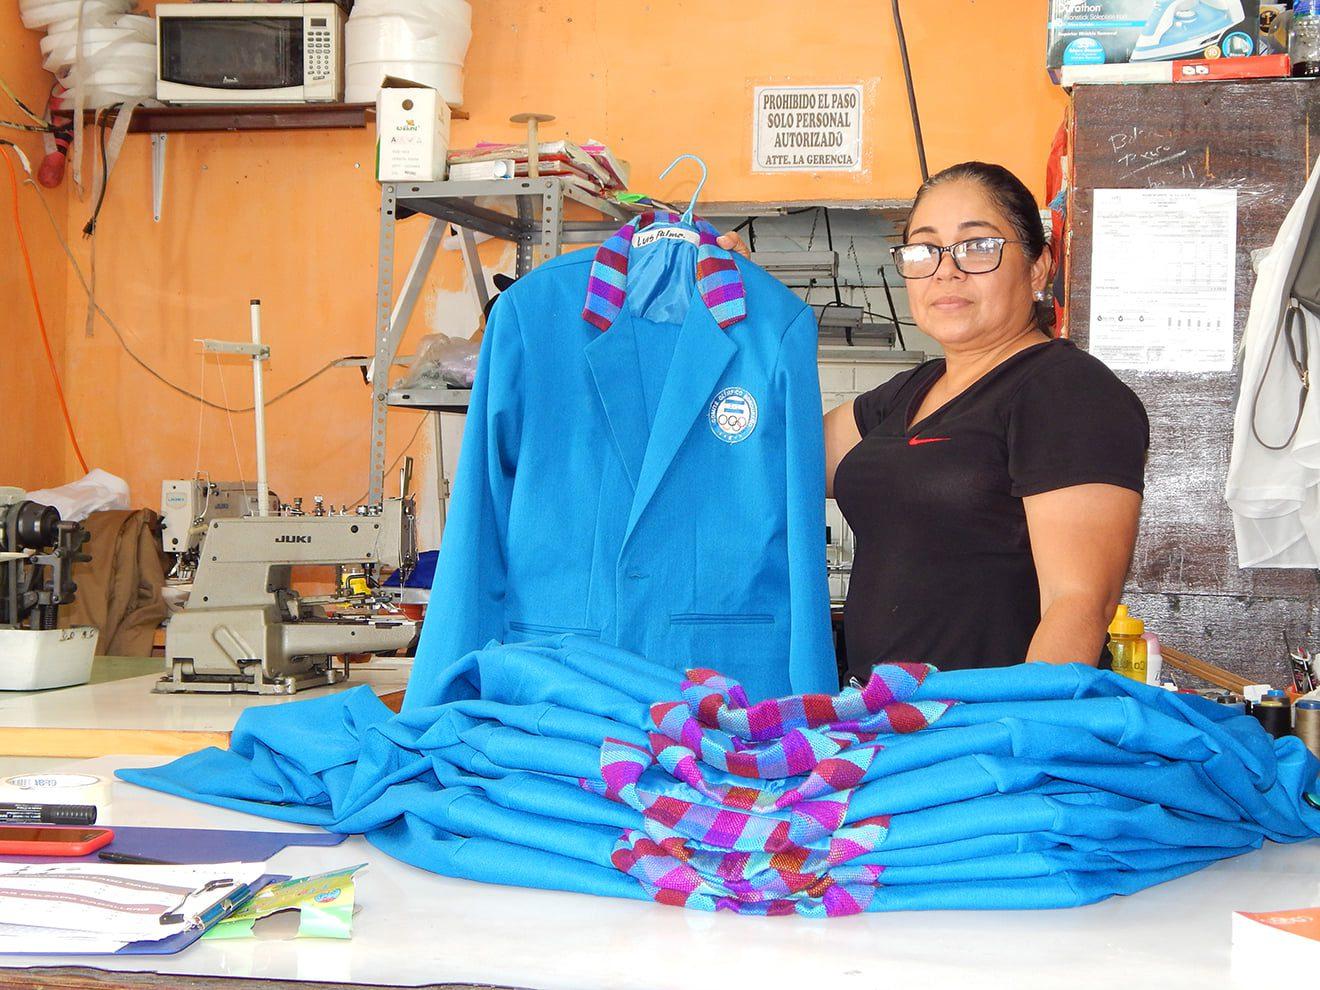 Delegación de Honduras usará uniforme cultural y patriótico en Tokio